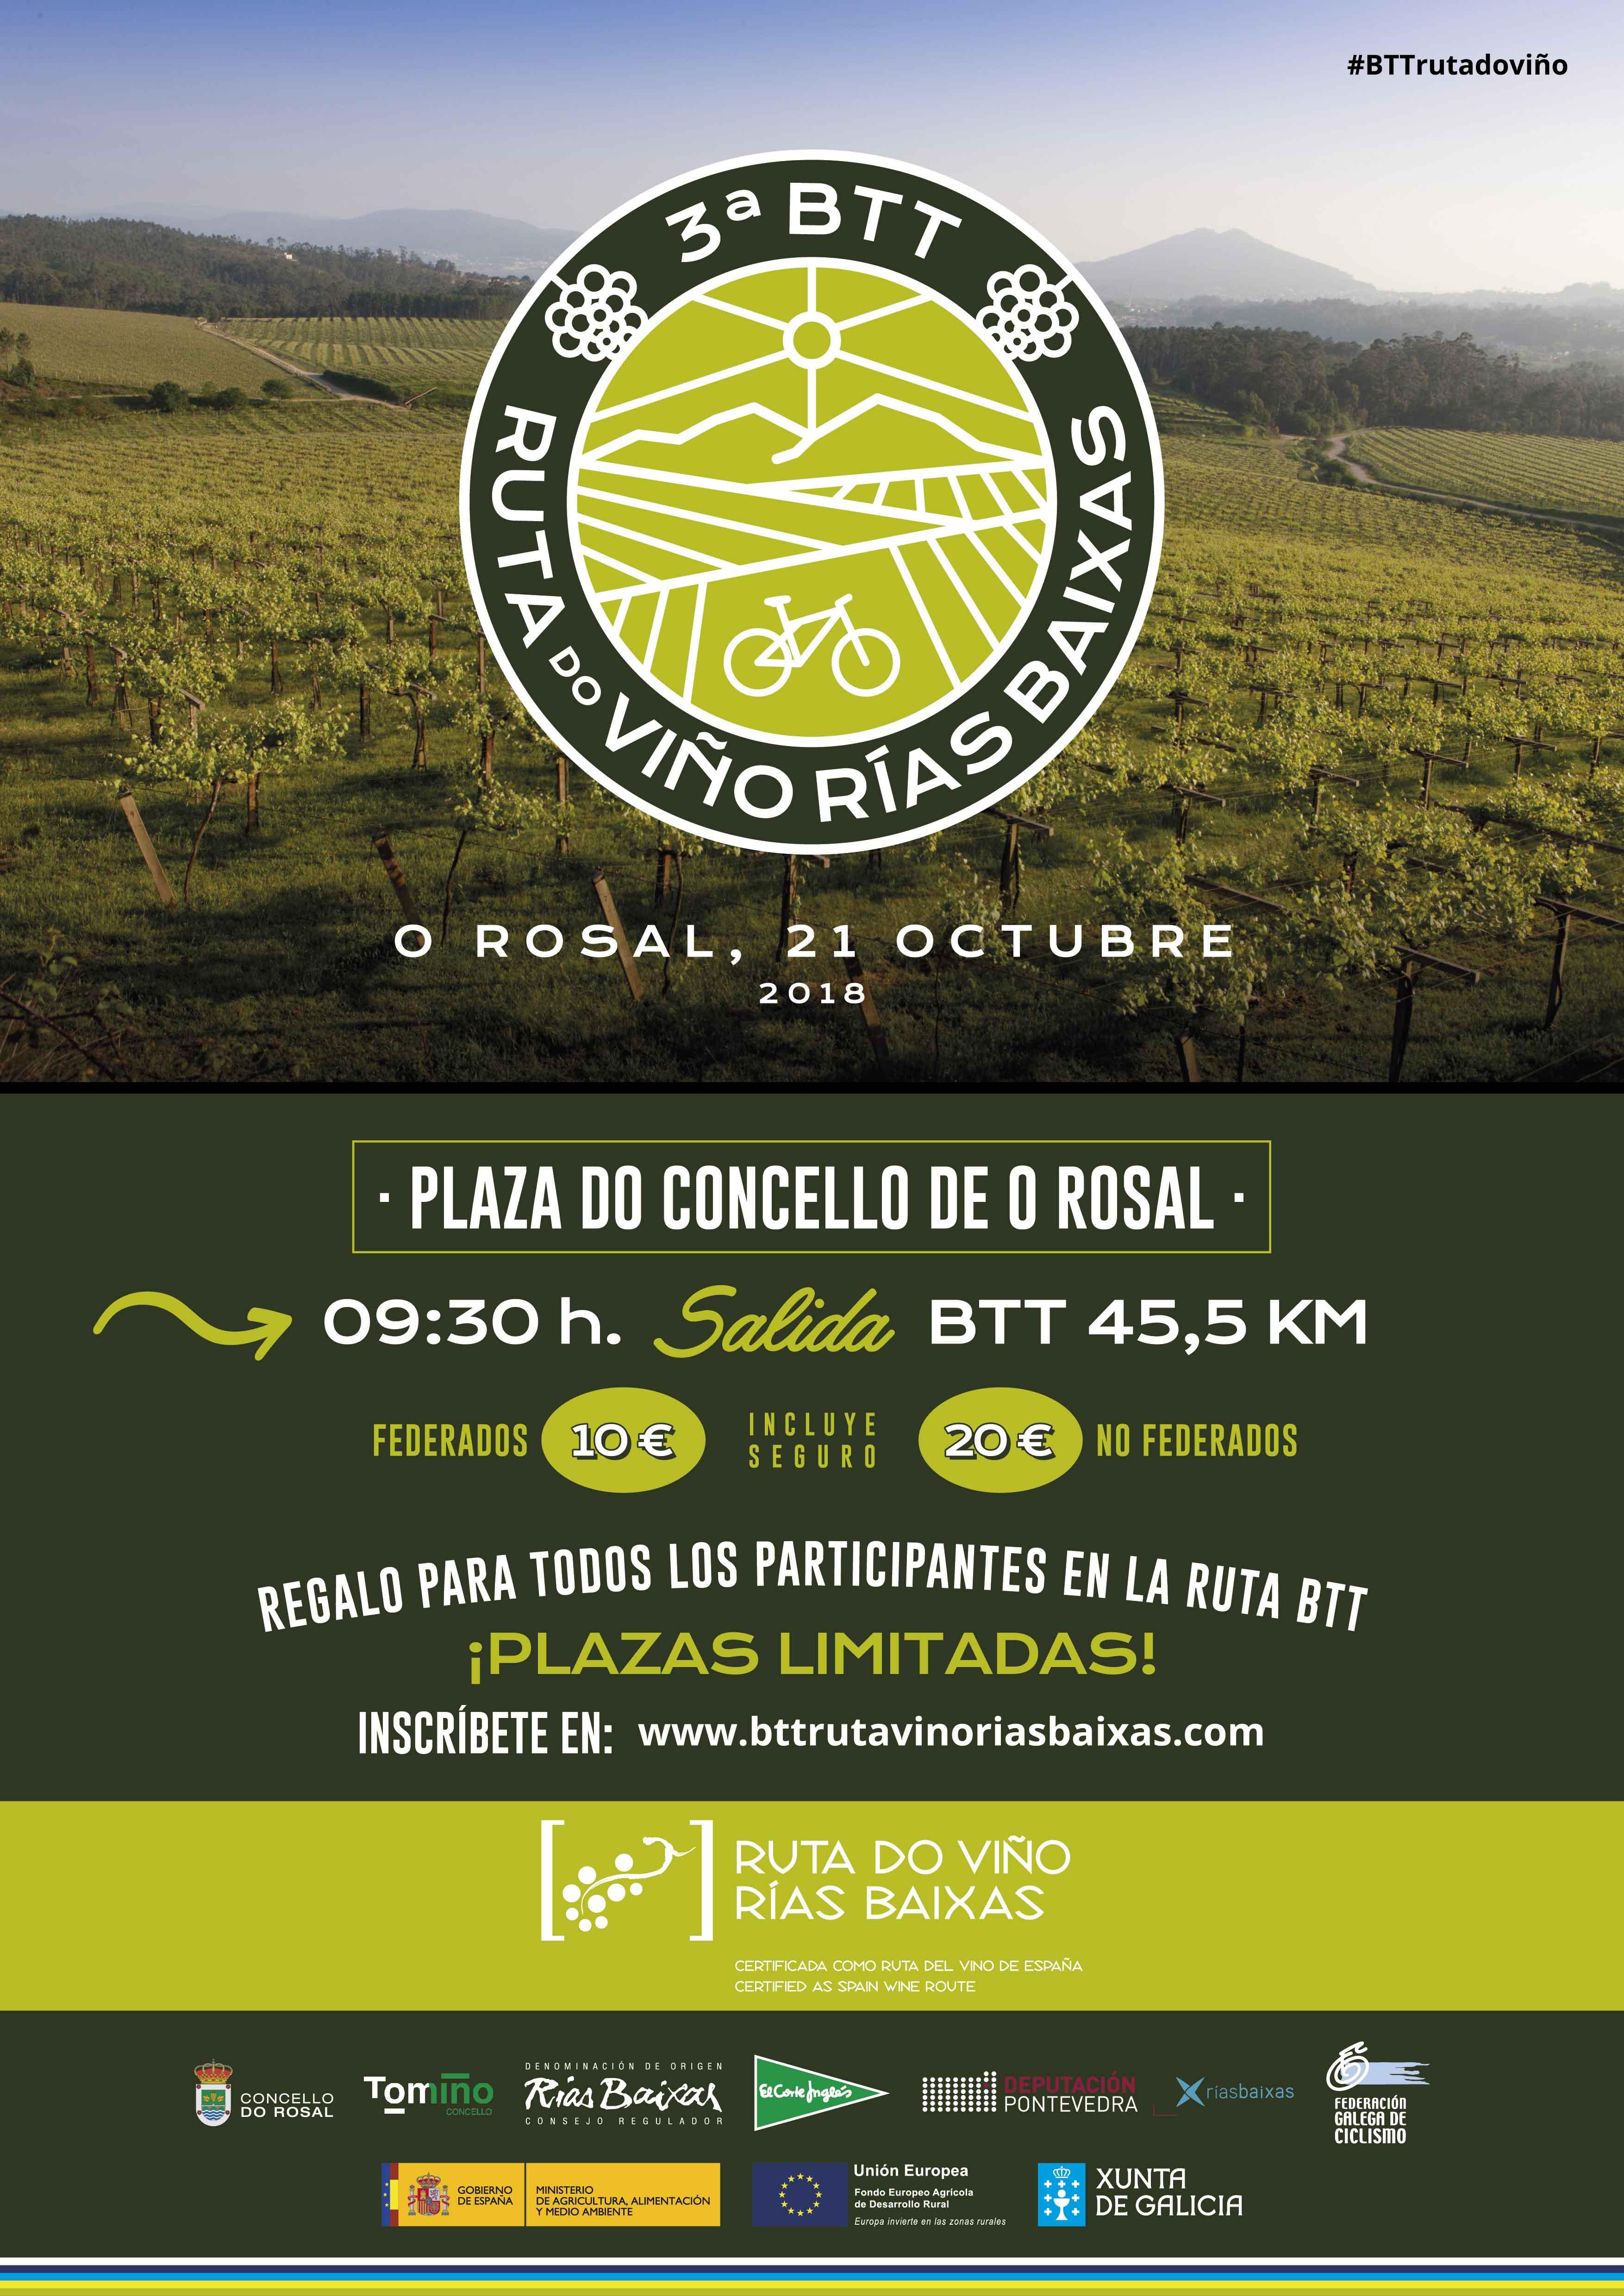 La BTT Ruta do Viño Rías Baixas se celebrará en O Rosal el domingo 21 de octubre